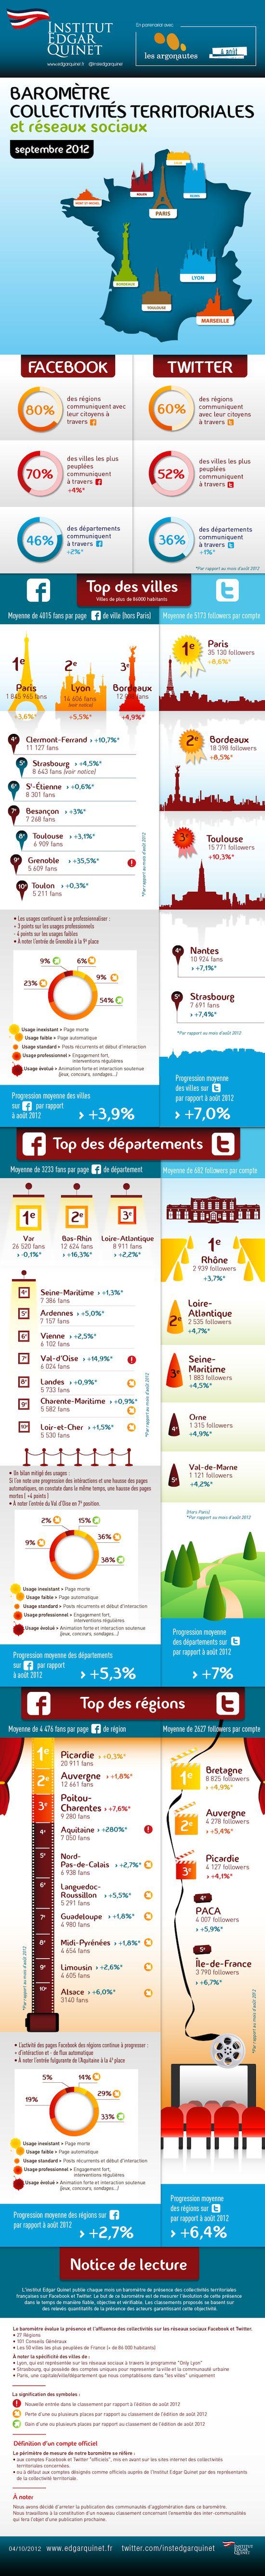 {Infographie} Top 10 des collectivités les plus actives sur les réseaux sociaux / Sept 2012 cc @franckconfino